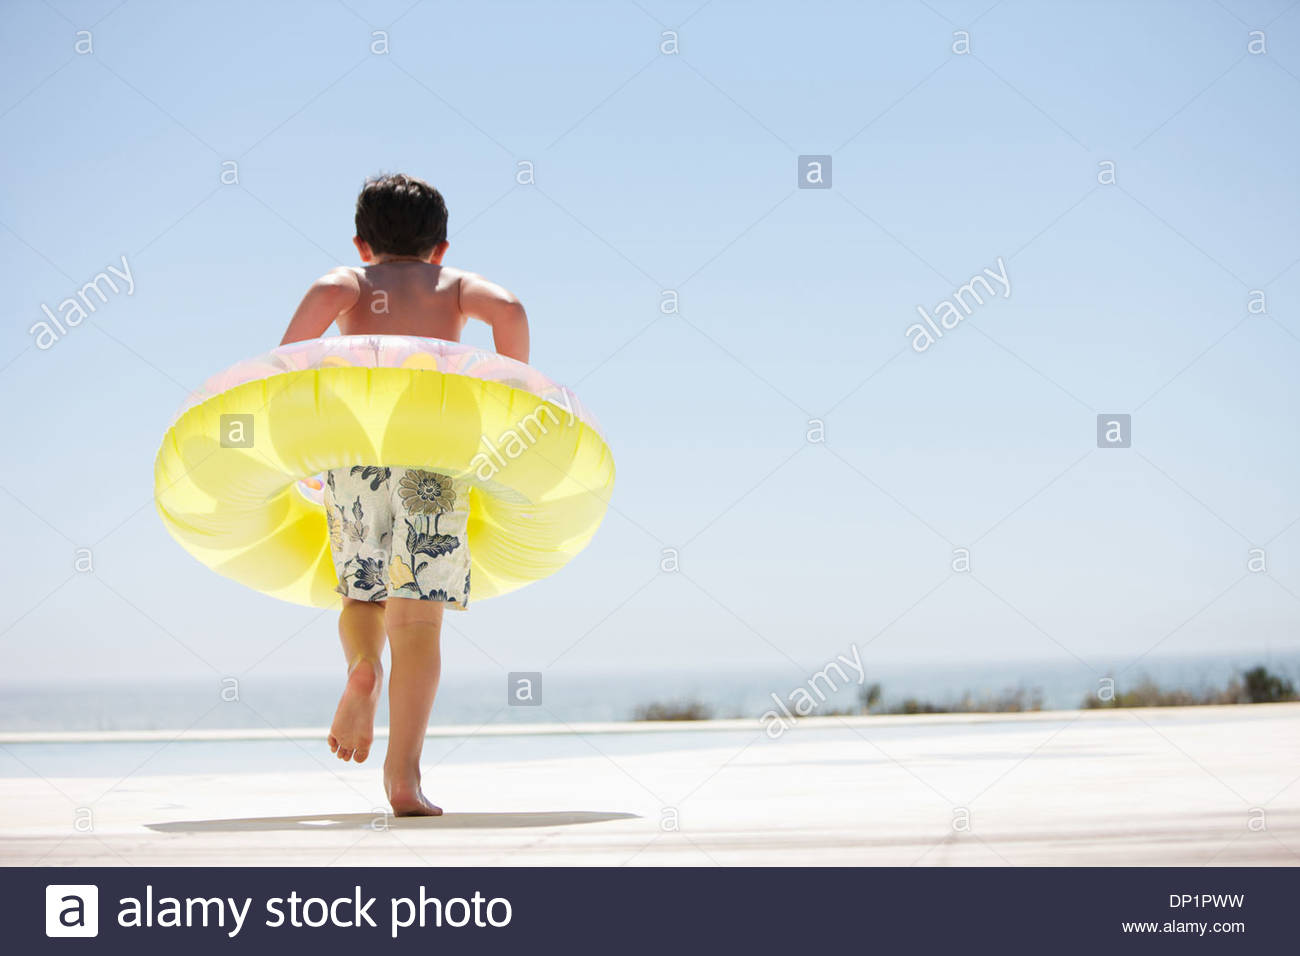 Ragazzo con anello gonfiabile uscendo di piscina infinity Immagini Stock